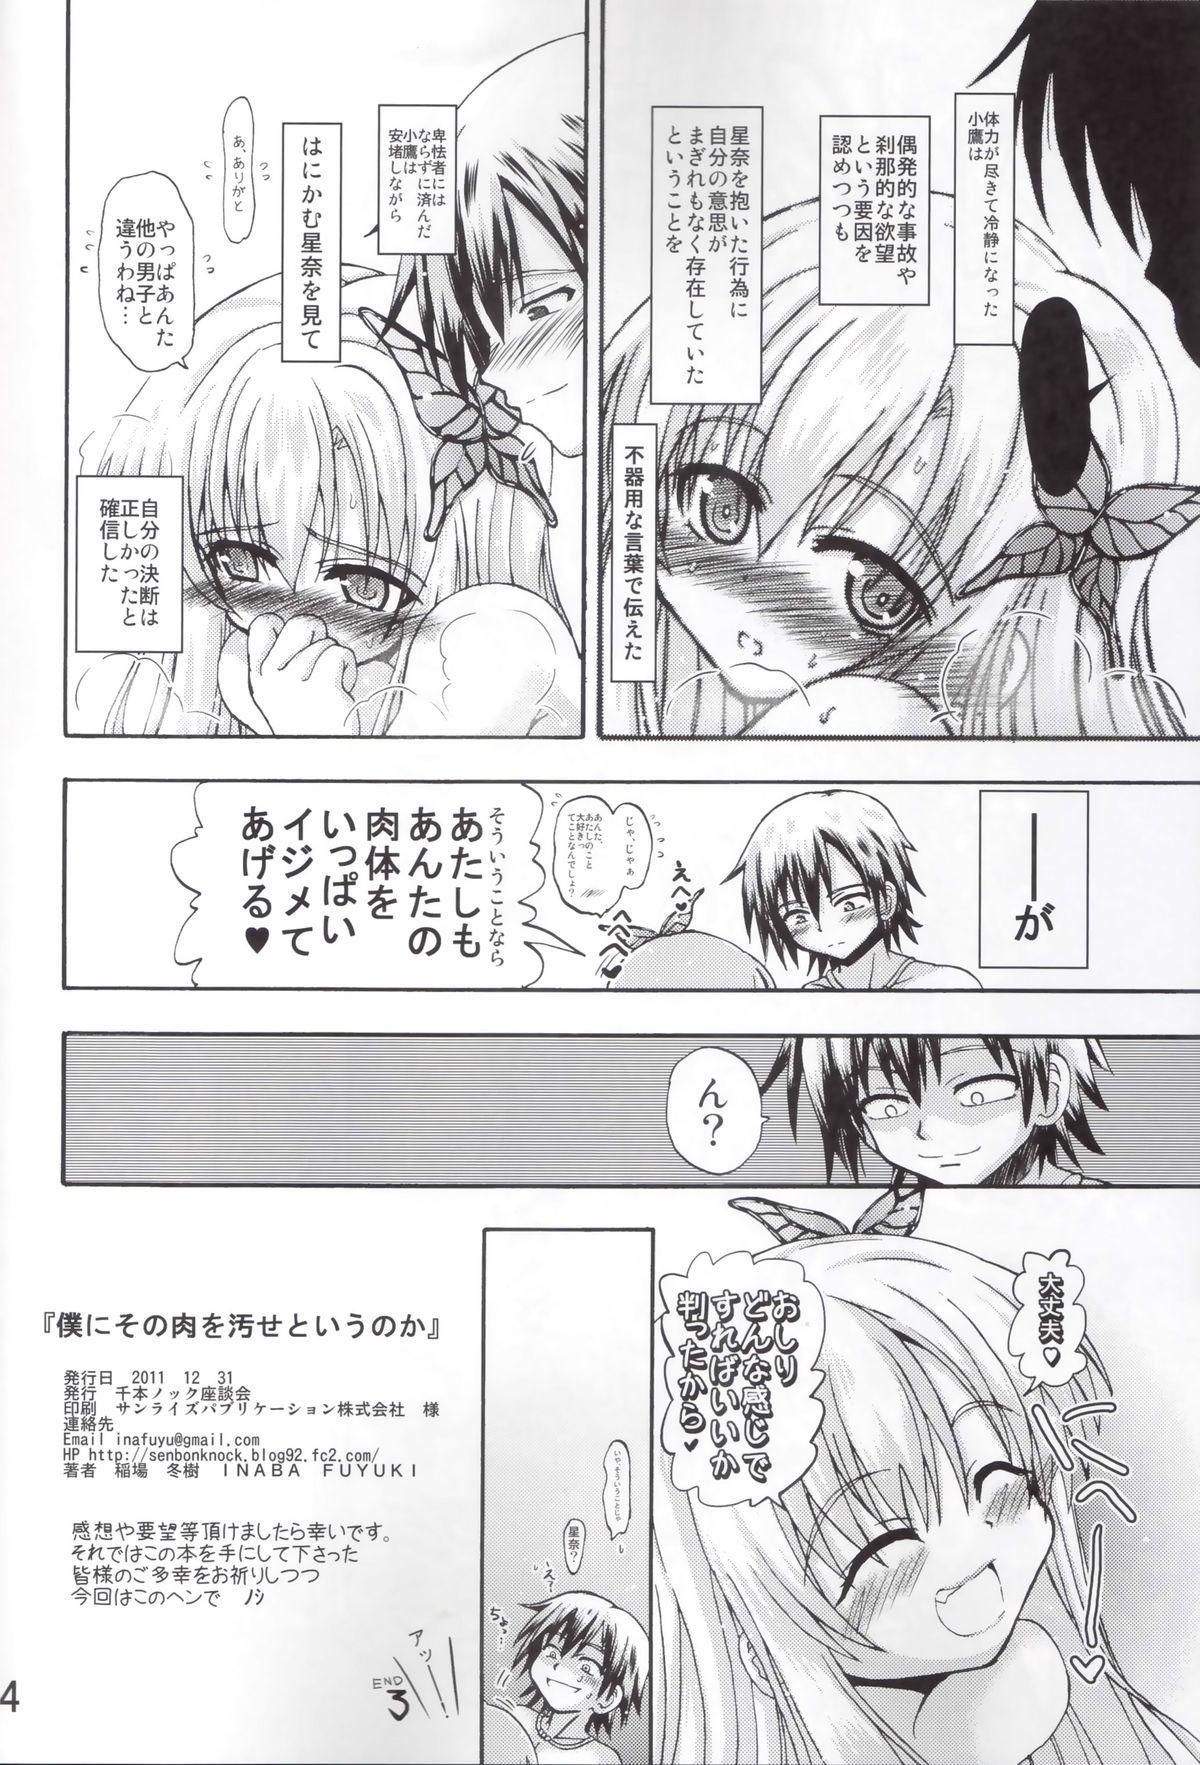 Boku ni Sono Niku wo Kegase to Iunoka 32